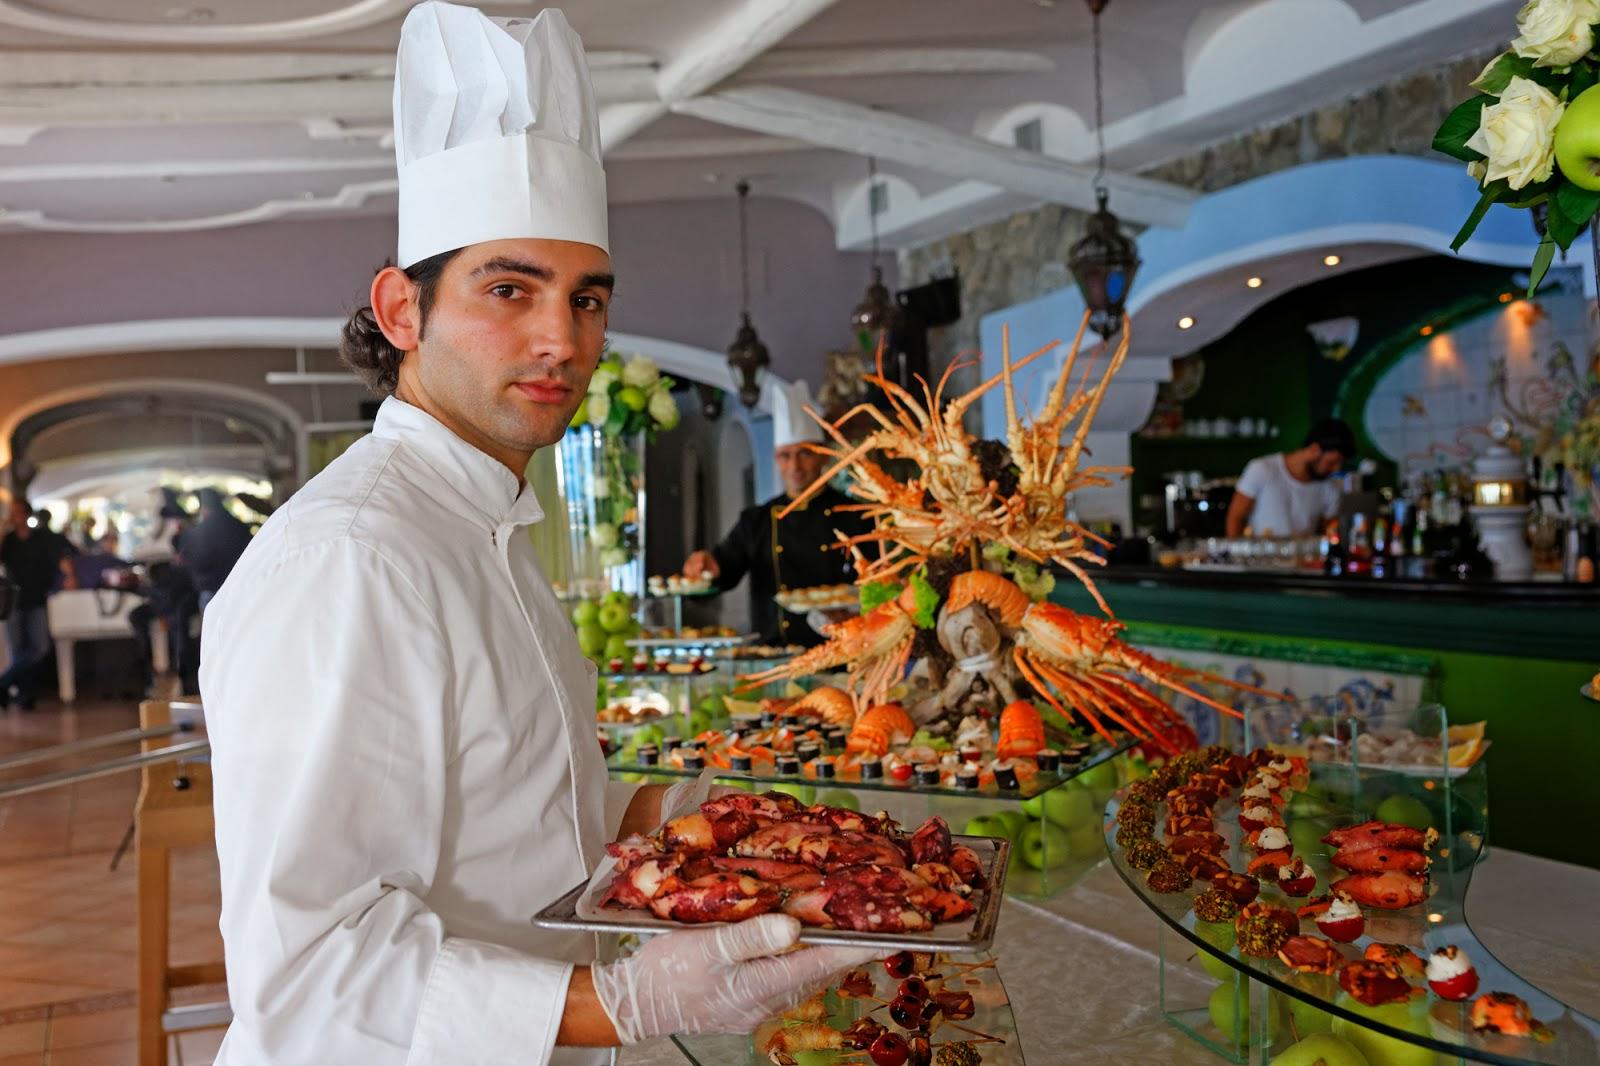 Chef sepe del ristorante oasis in diretta su sky ospite for Programma tv ristrutturazione casa